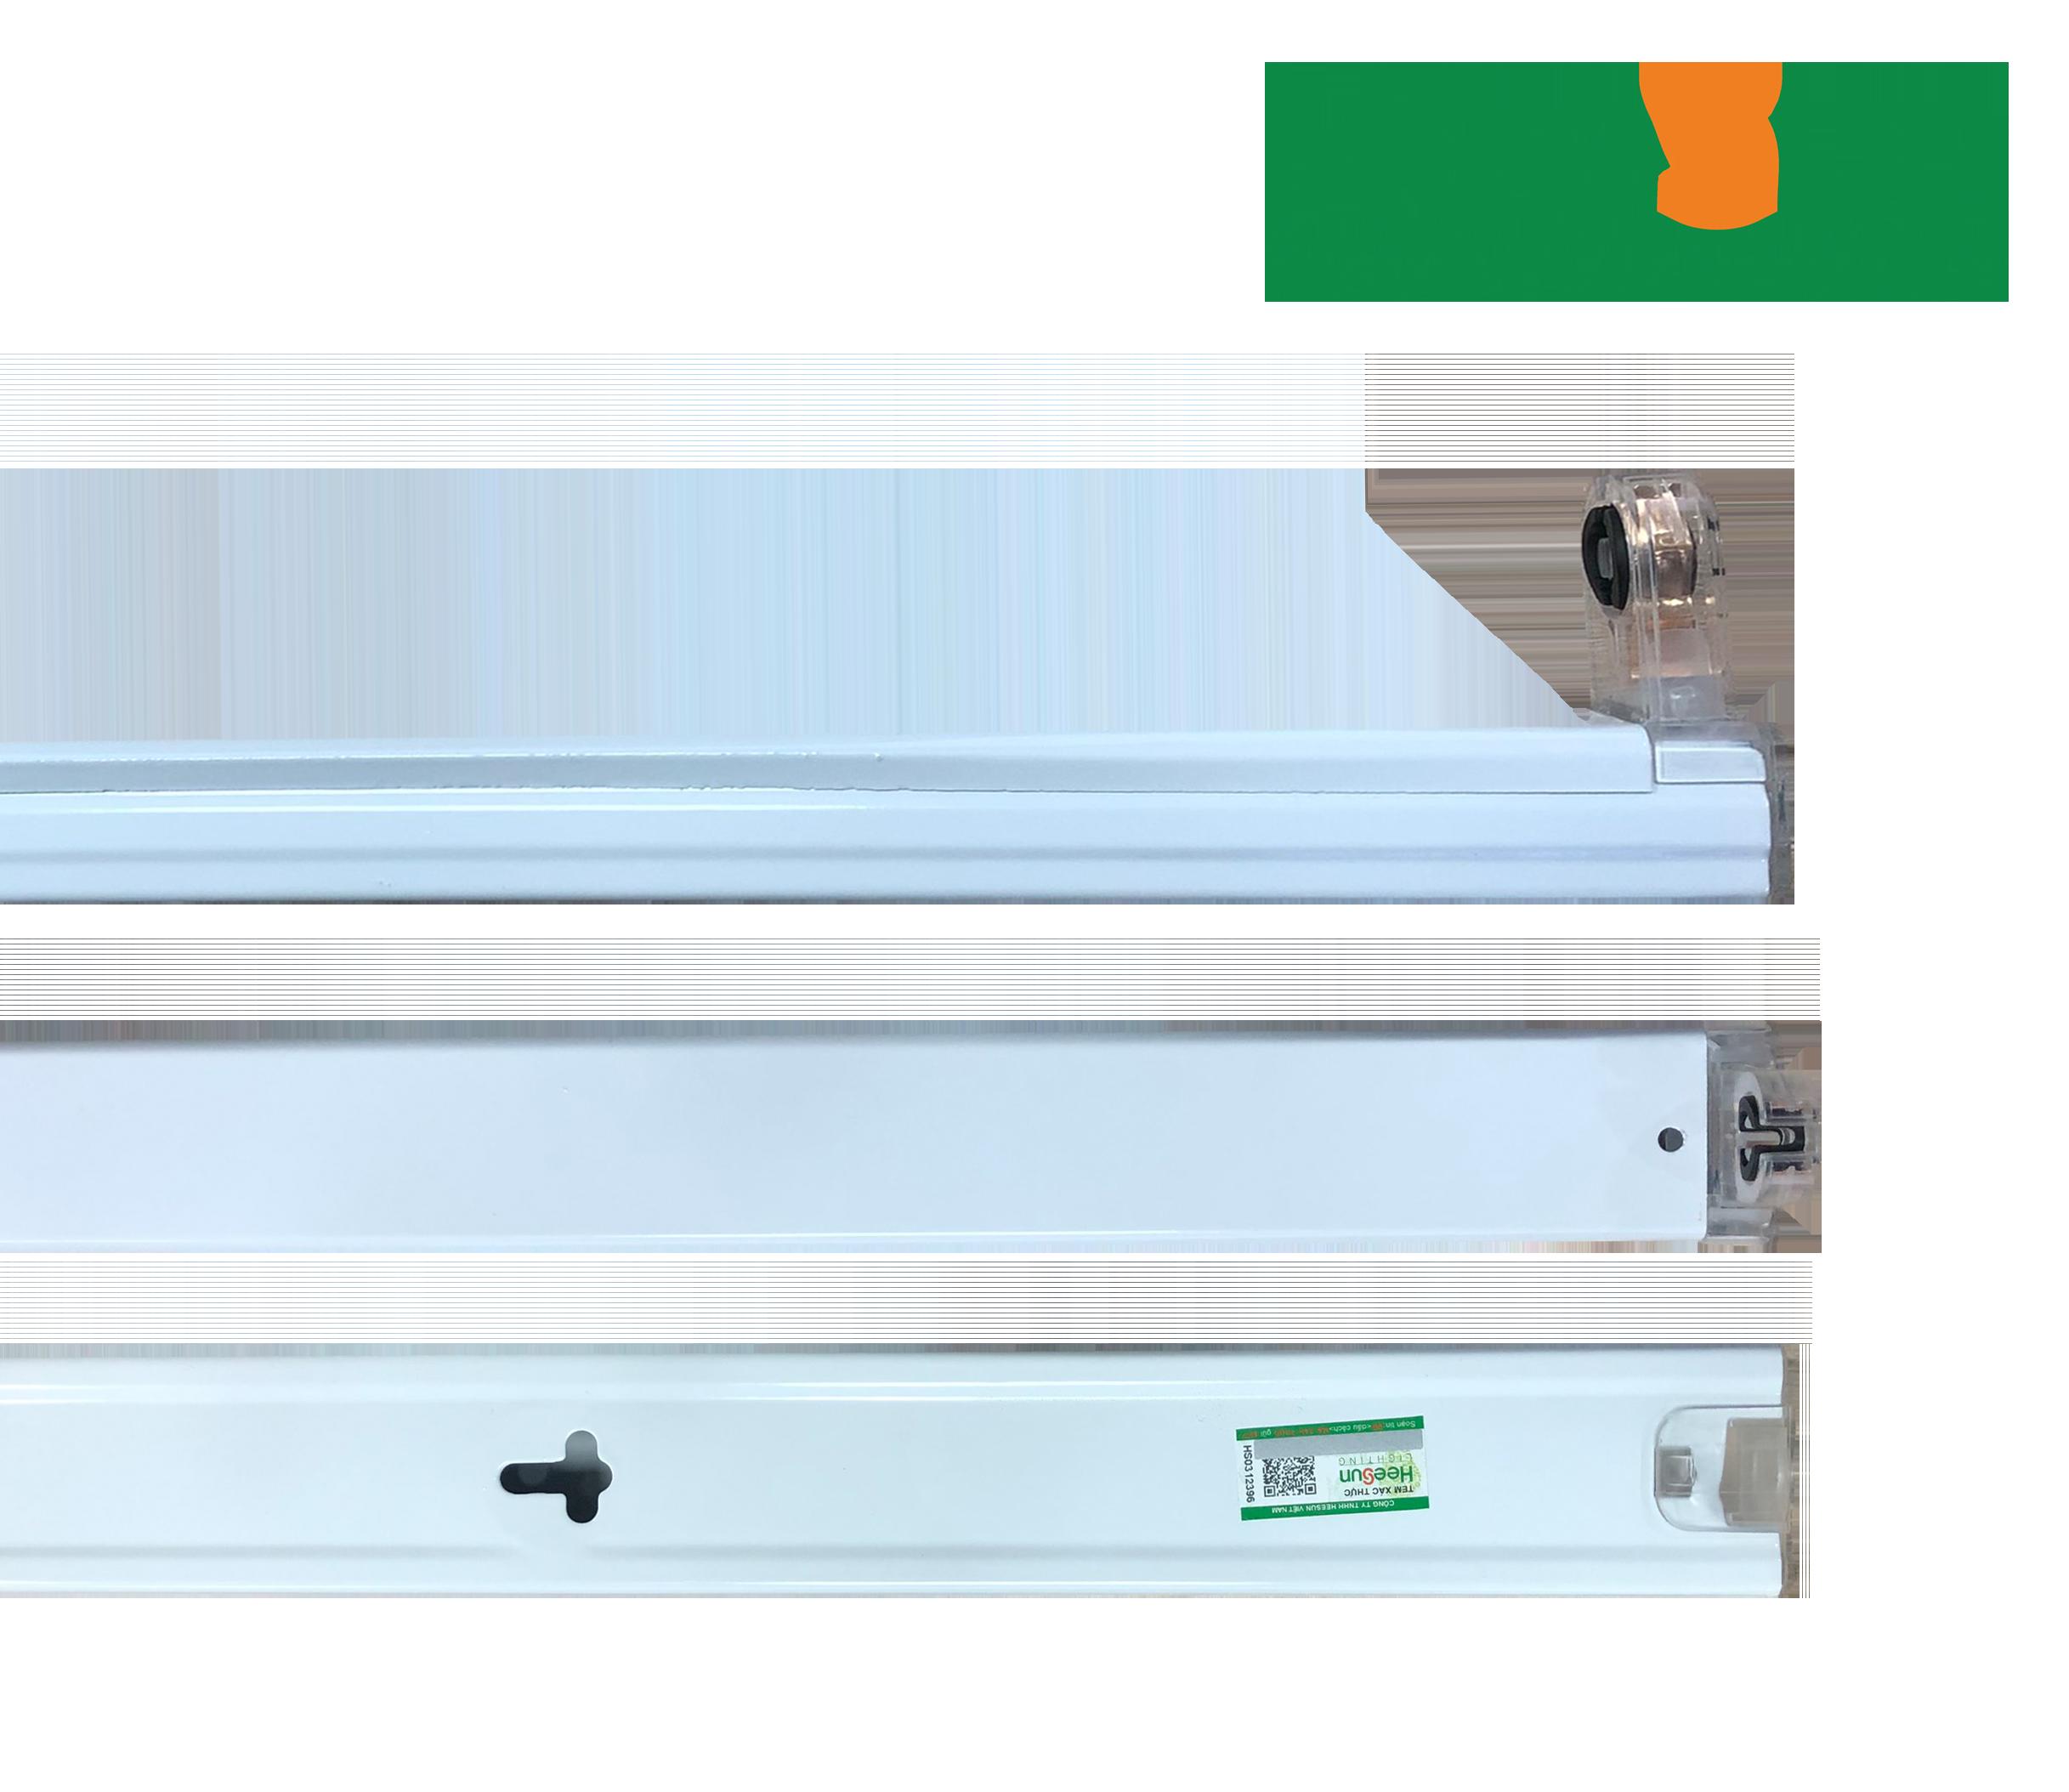 Máng tuýp đơn 1.2m HS-T8-M1 - HEESUN VIỆT NAM